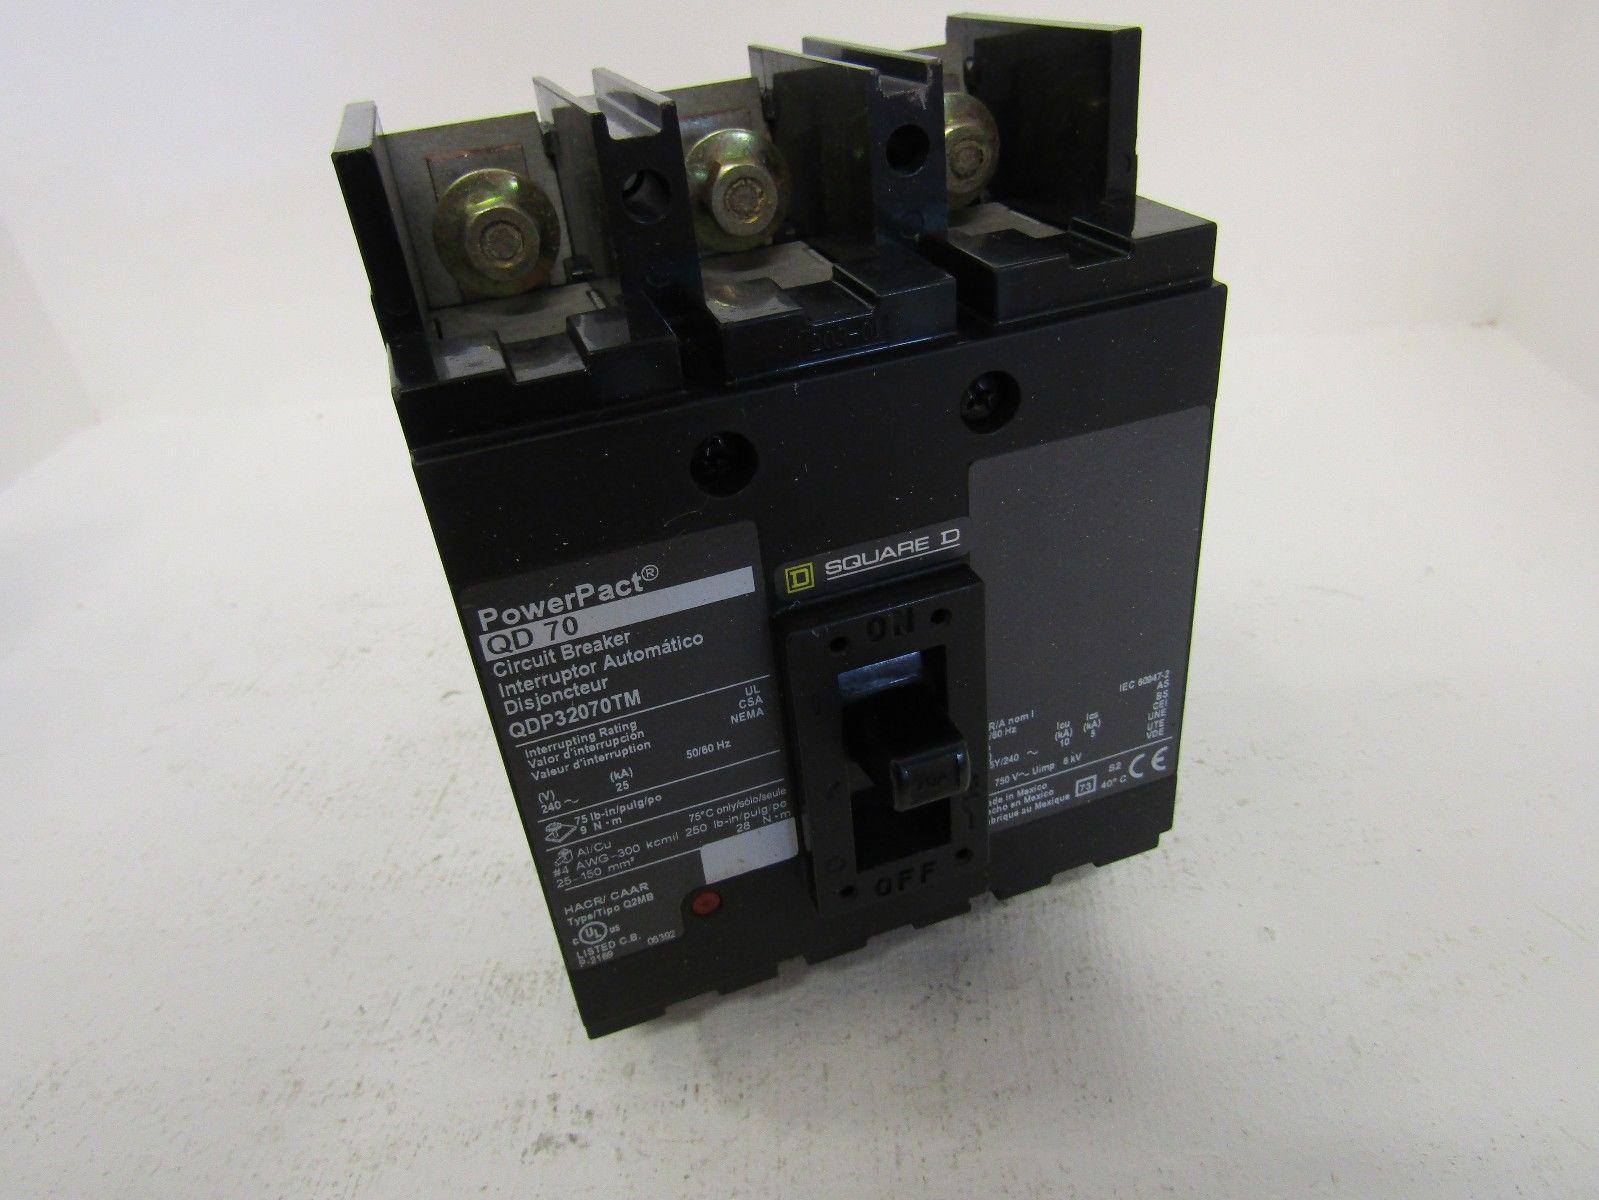 NEW SQUARE D QDP32070TM 3 POLE 70 AMP 240 VOLT EZM POWERPACT CIRCUIT BREAKER